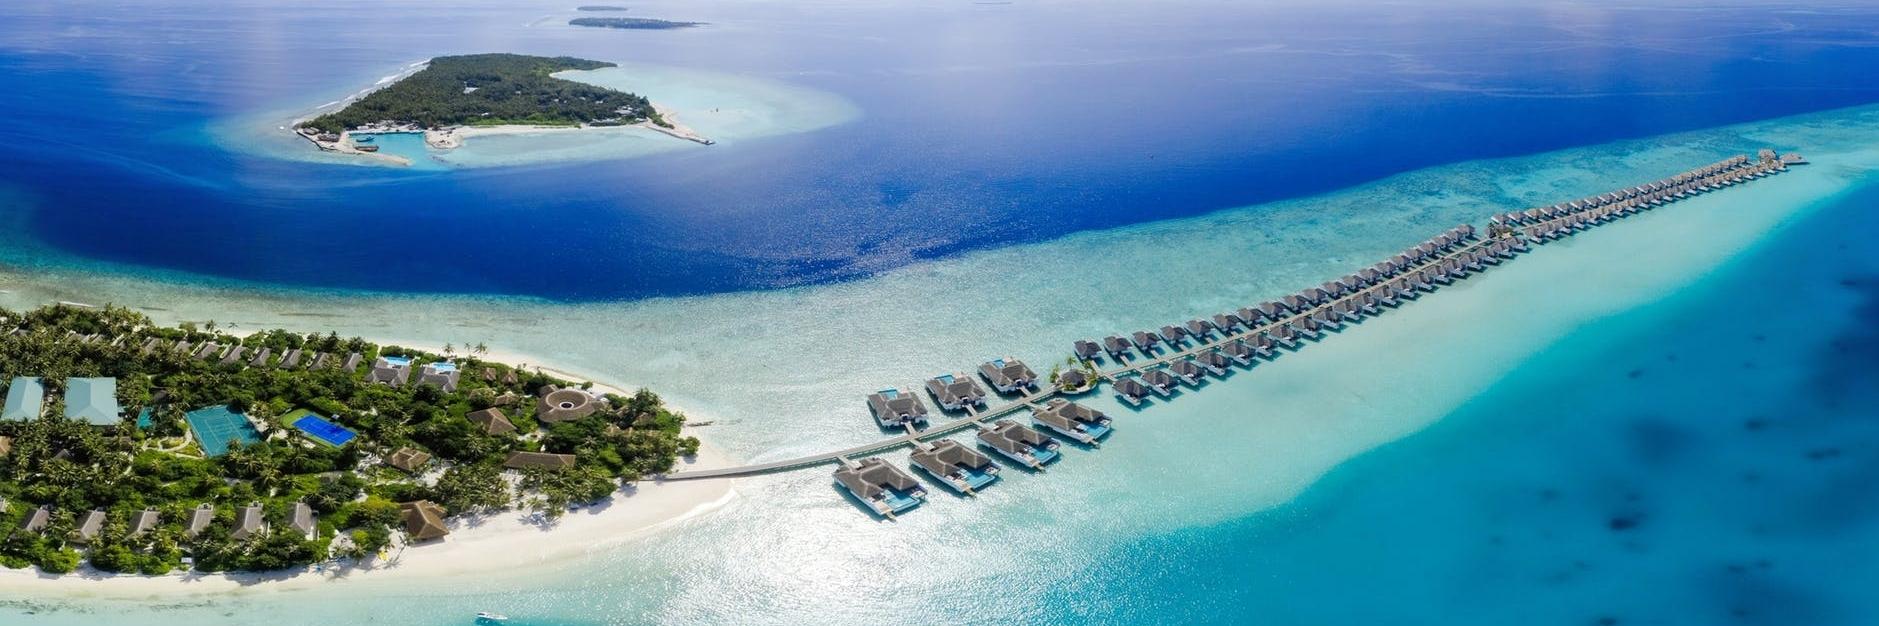 https://gody.vn/blog/nhichuong4052/post/du-lich-maldives-thien-duong-bien-ha-gioi-khong-vien-tuong-nhu-ban-nghi-4337